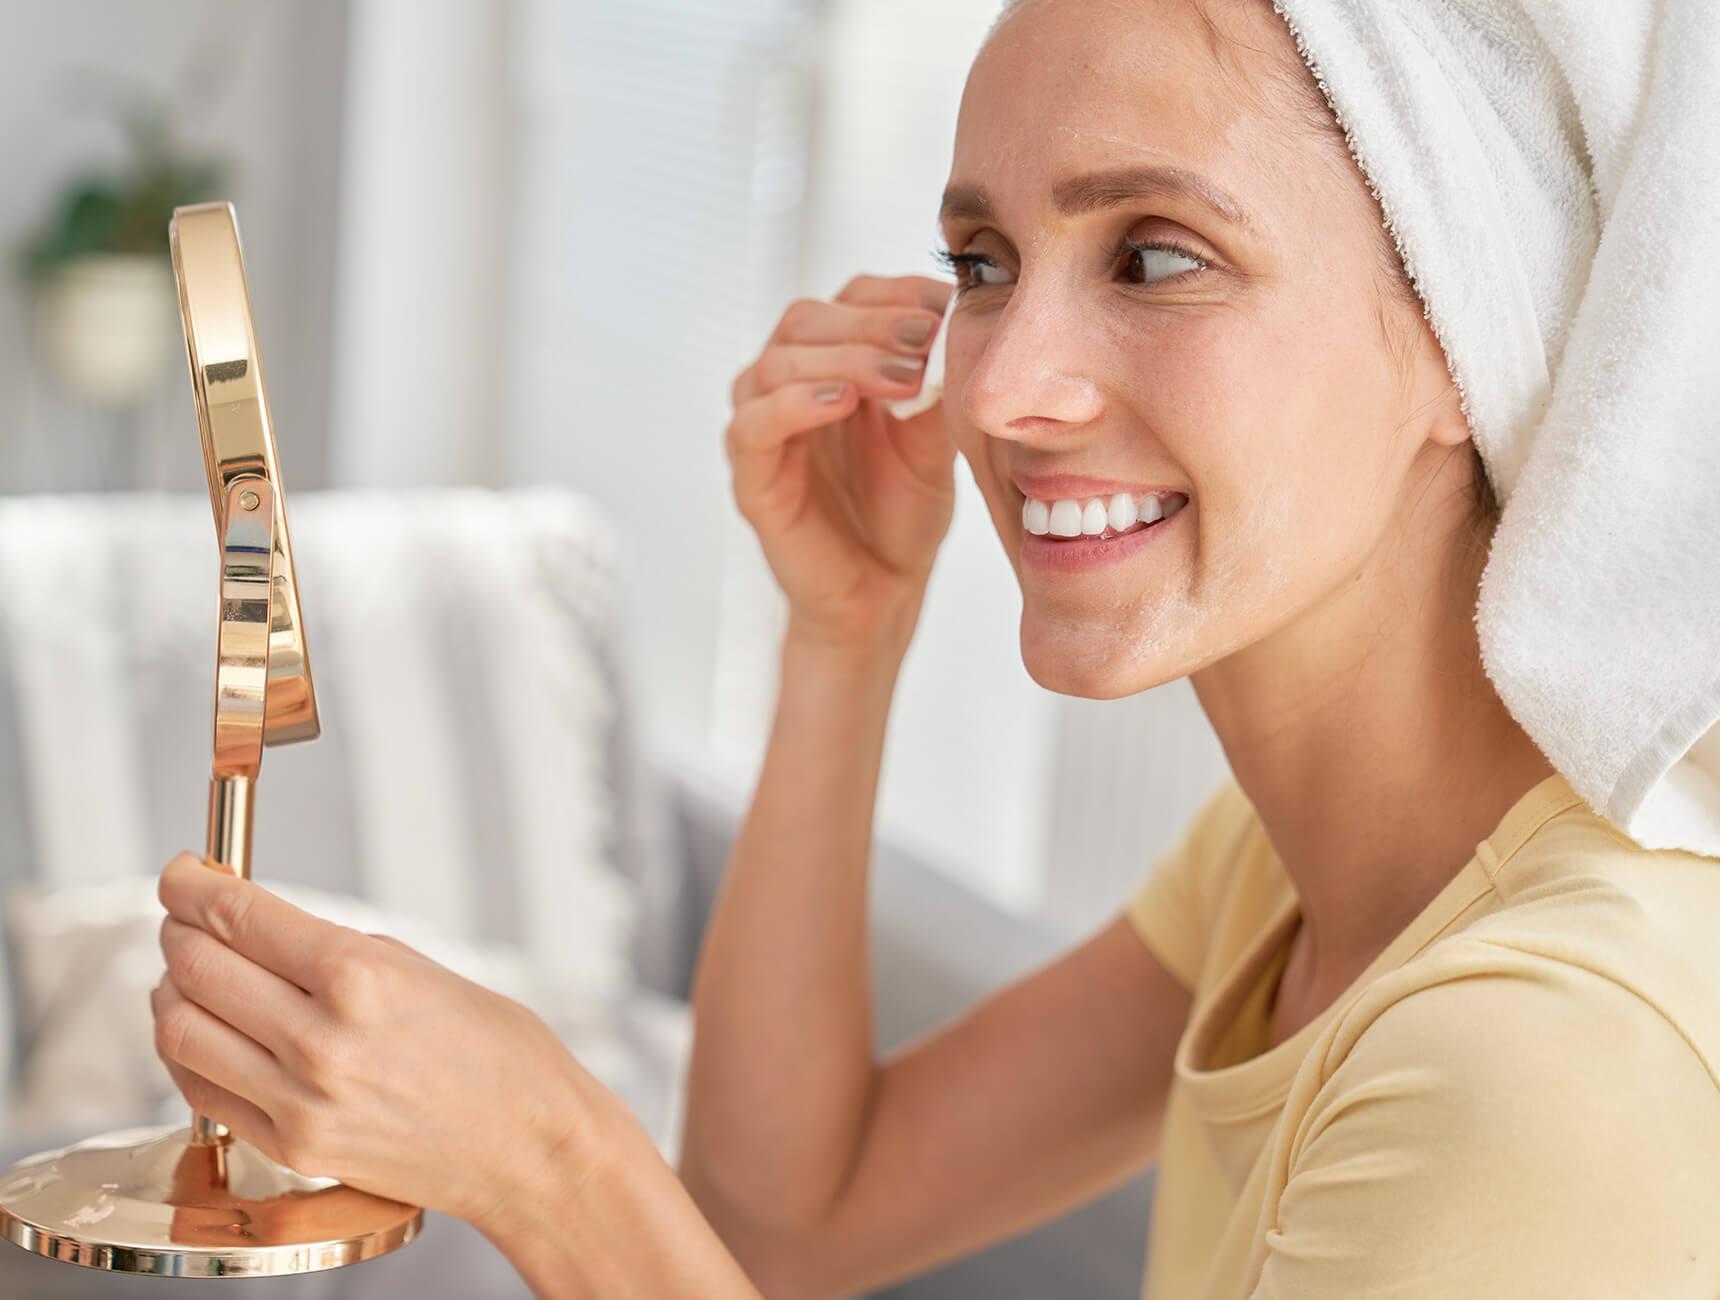 gezicht reinigen met cleanser